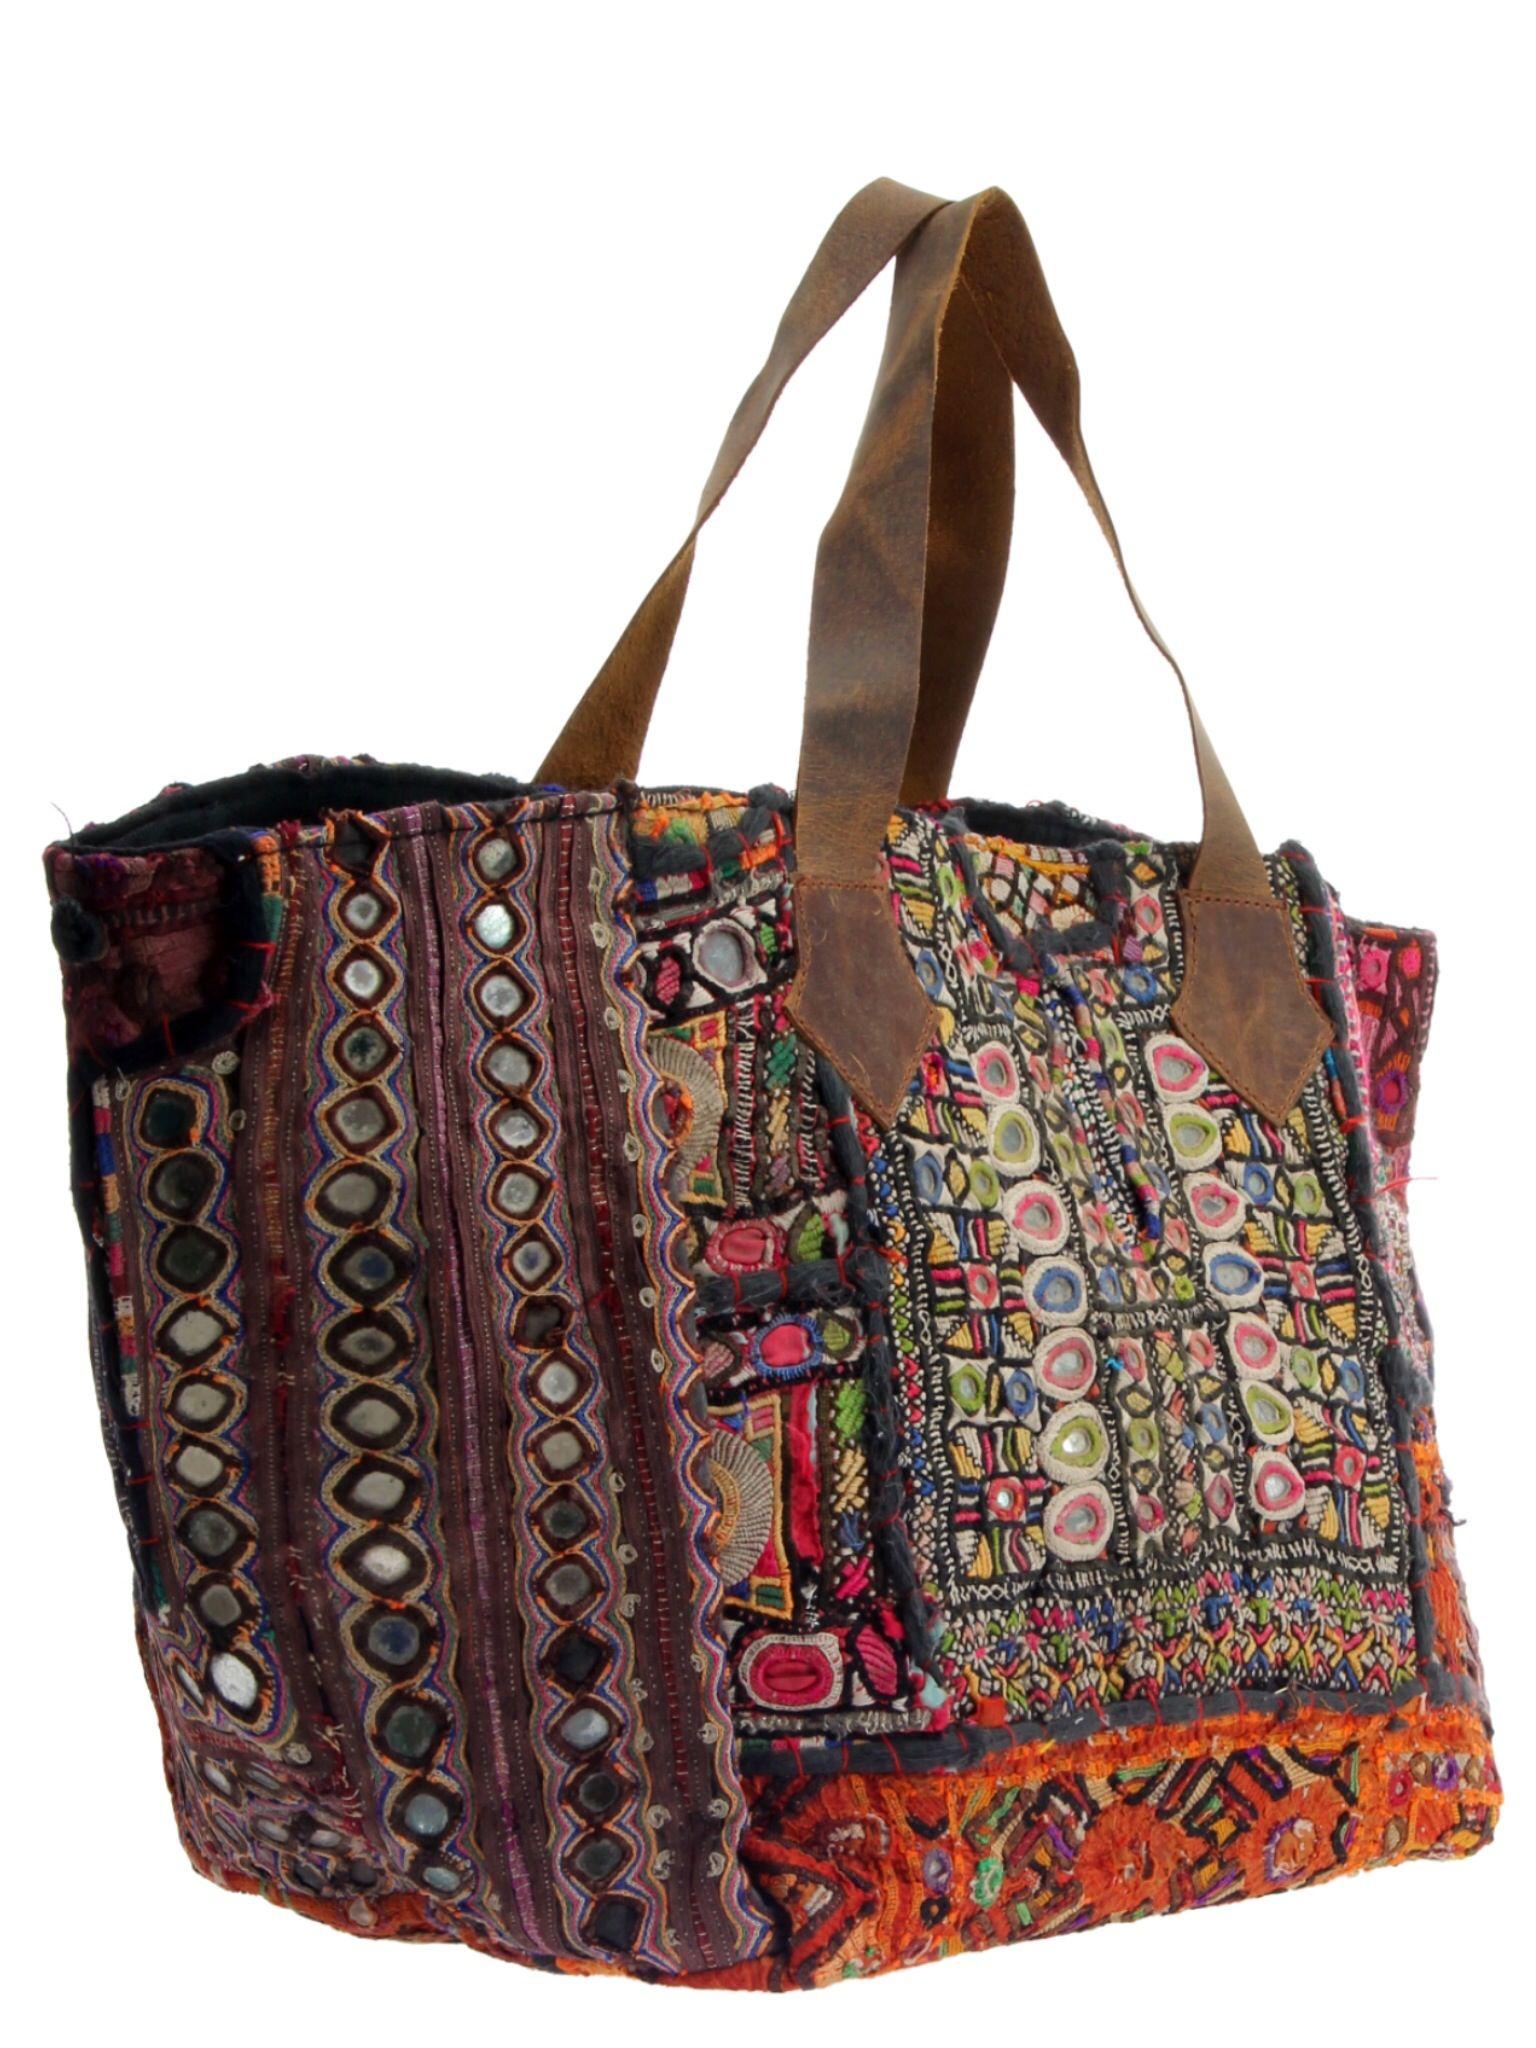 8a57c7ba7 Carteras De Diseño, Bolsos Cartera, Bolsas Mk, Bolsos Vintage, Accesorios  Hippie,